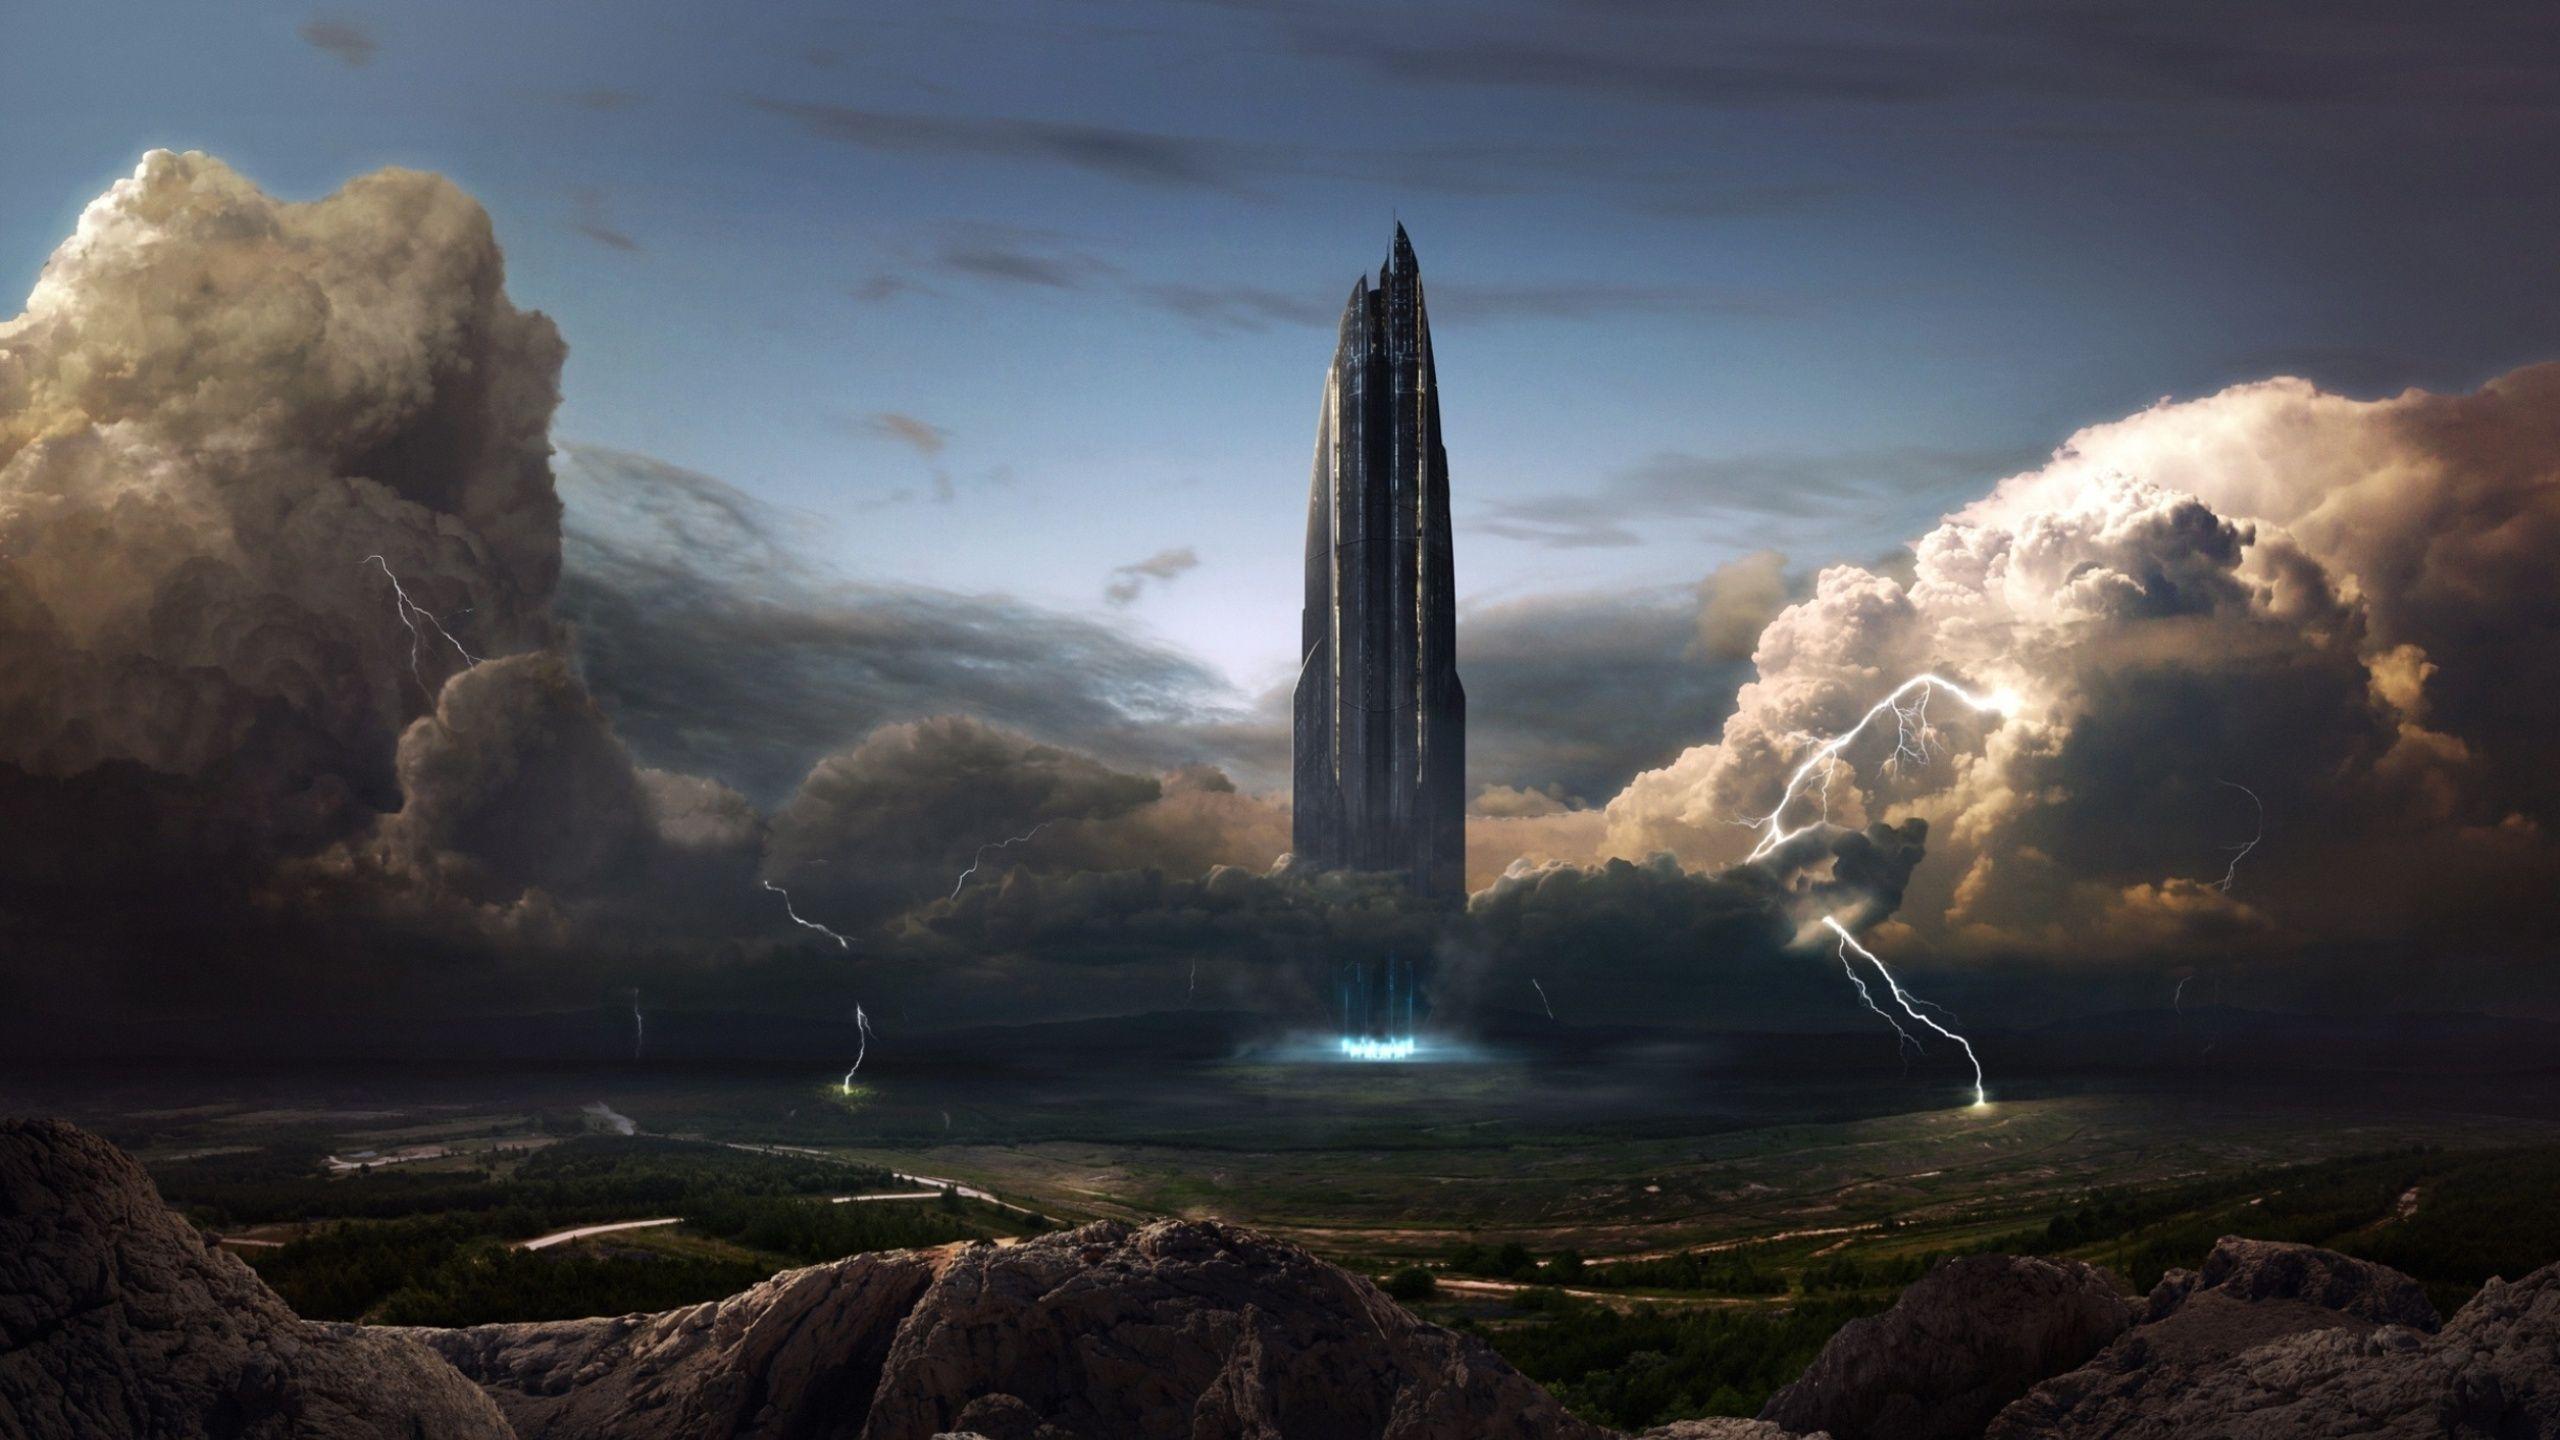 Sci Fi Wallpaper 083 2560x1440